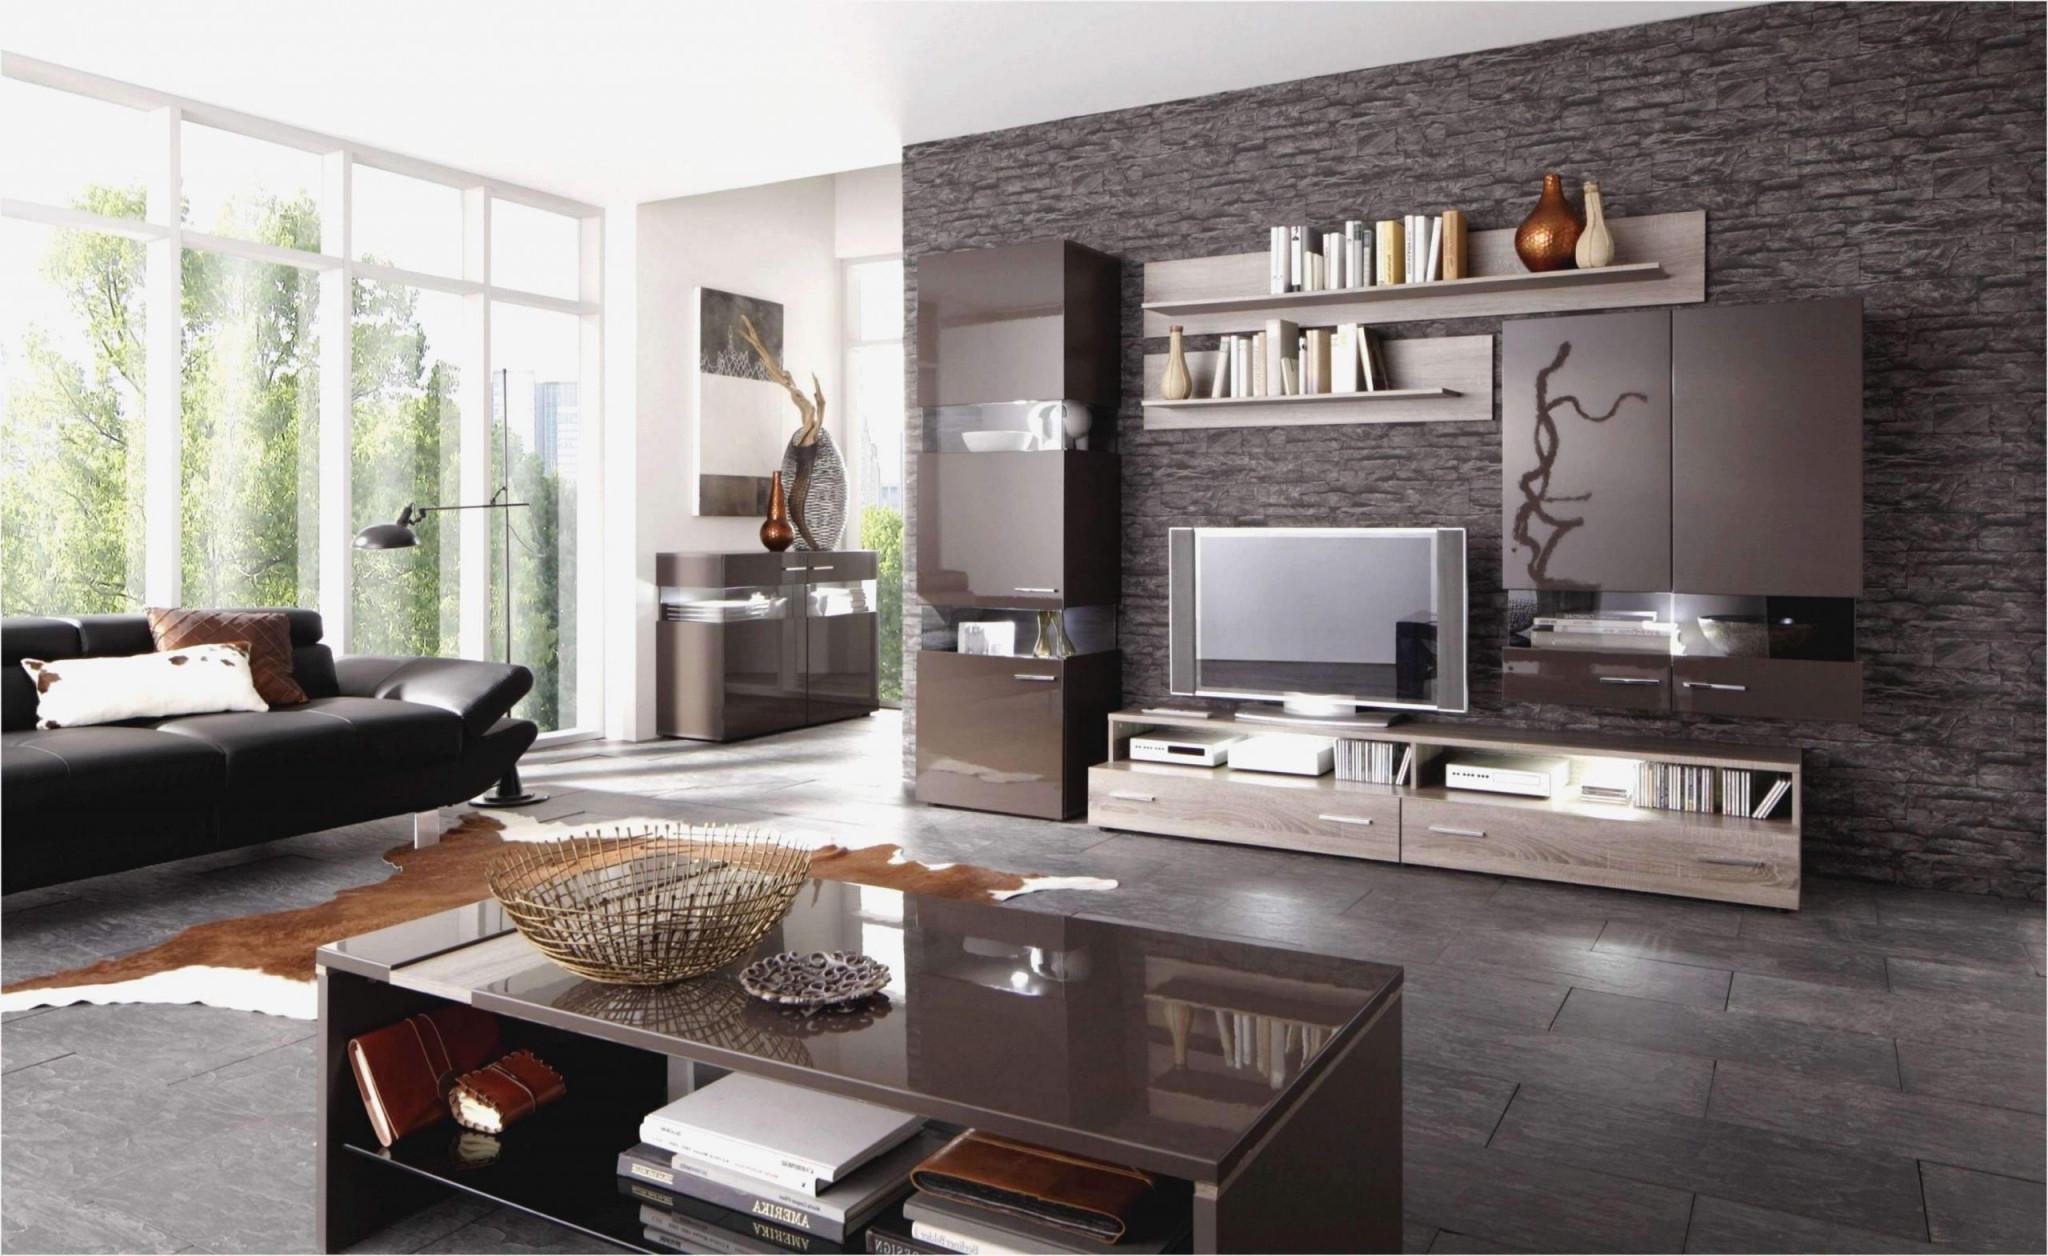 Wohnzimmer Dunkler Boden Elegant Wohnzimmer Dunkel Ideen von Wohnzimmer Ideen Dunkle Möbel Bild